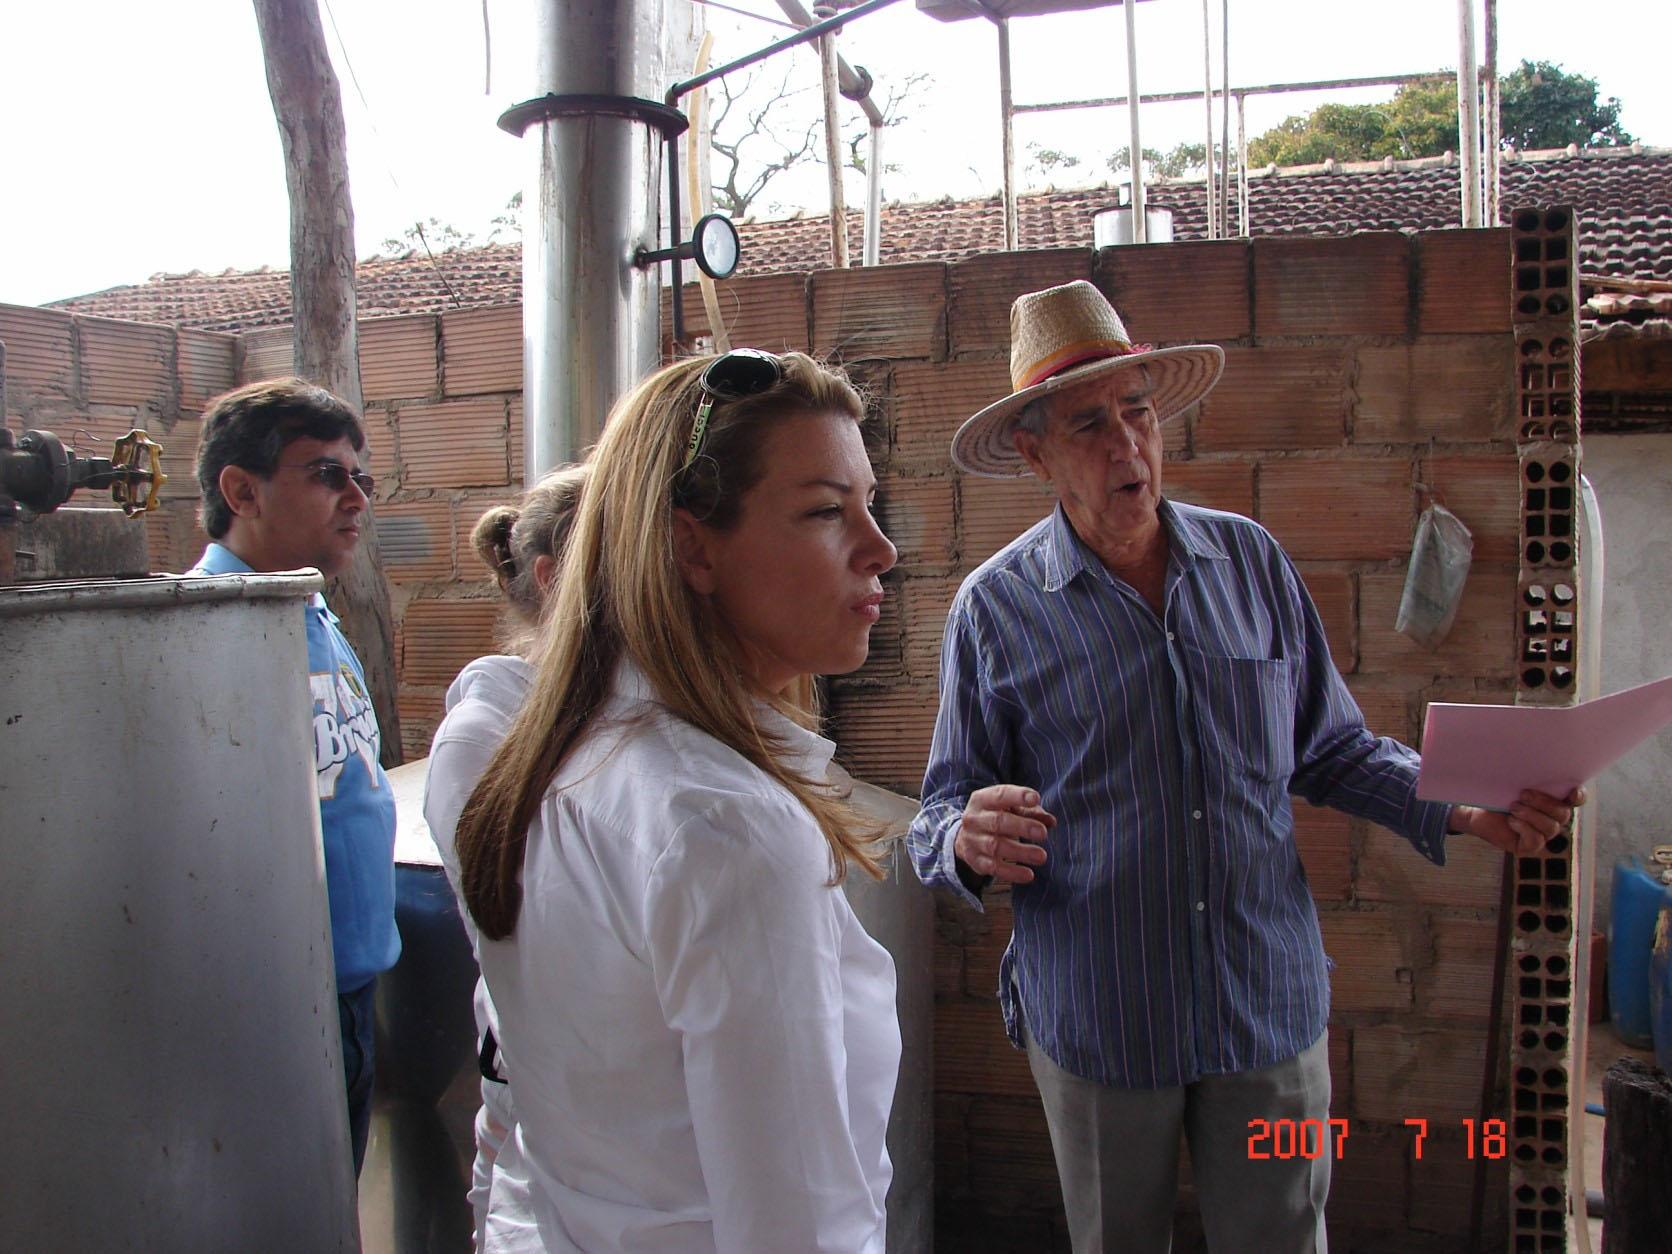 Brazil-Mission-Trip-08-09-2007-366